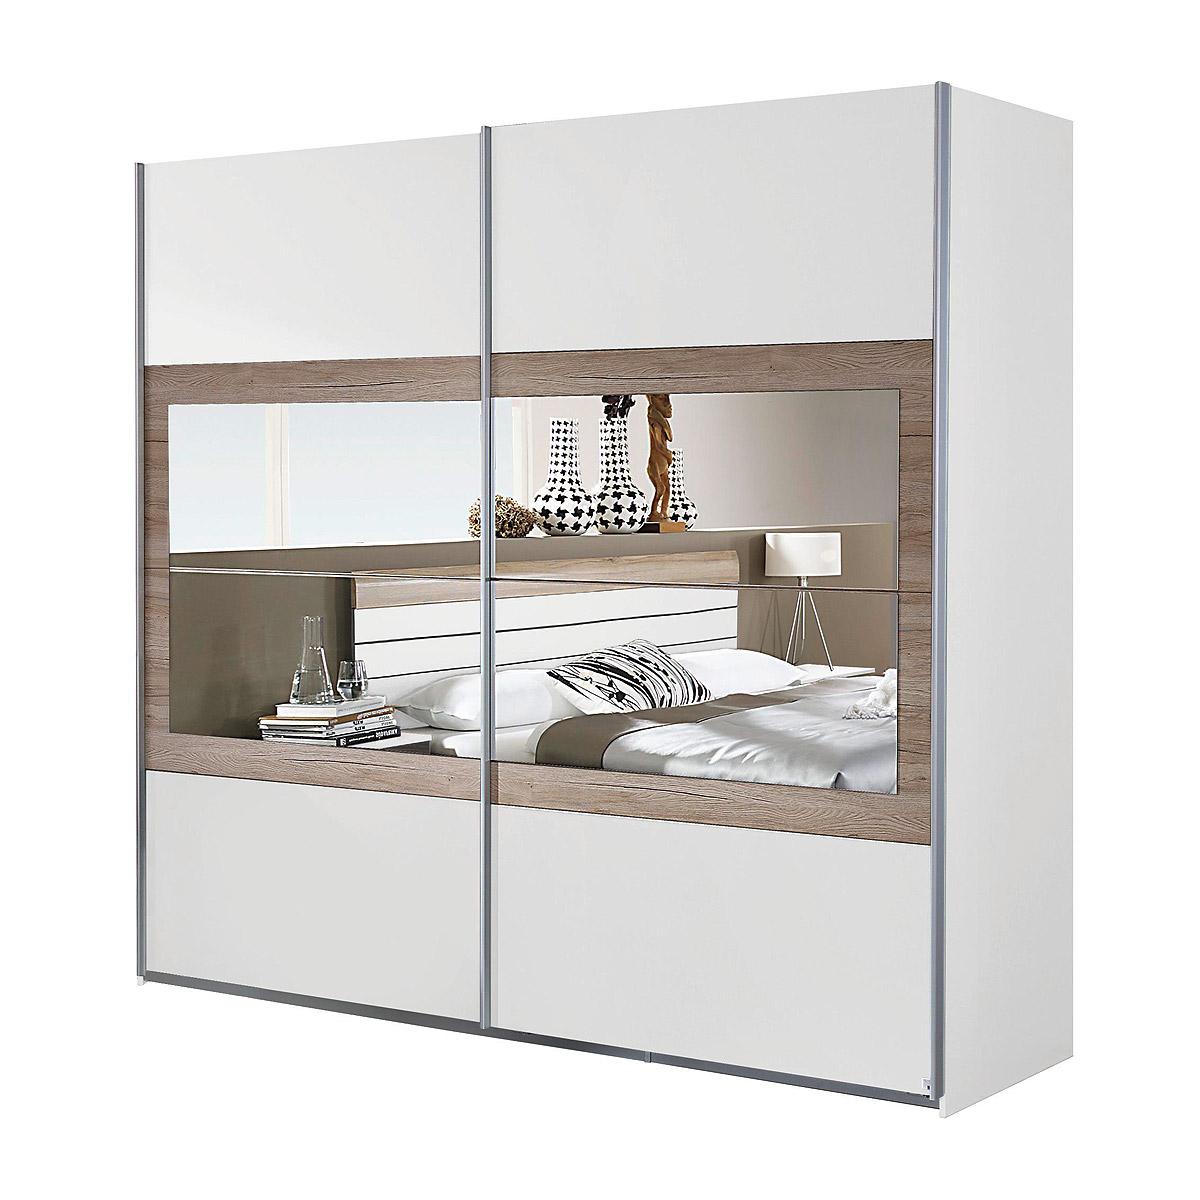 schwebet renschrank tarragona schlafzimmer kleiderschrank 2 t rig mit spiegel ebay. Black Bedroom Furniture Sets. Home Design Ideas